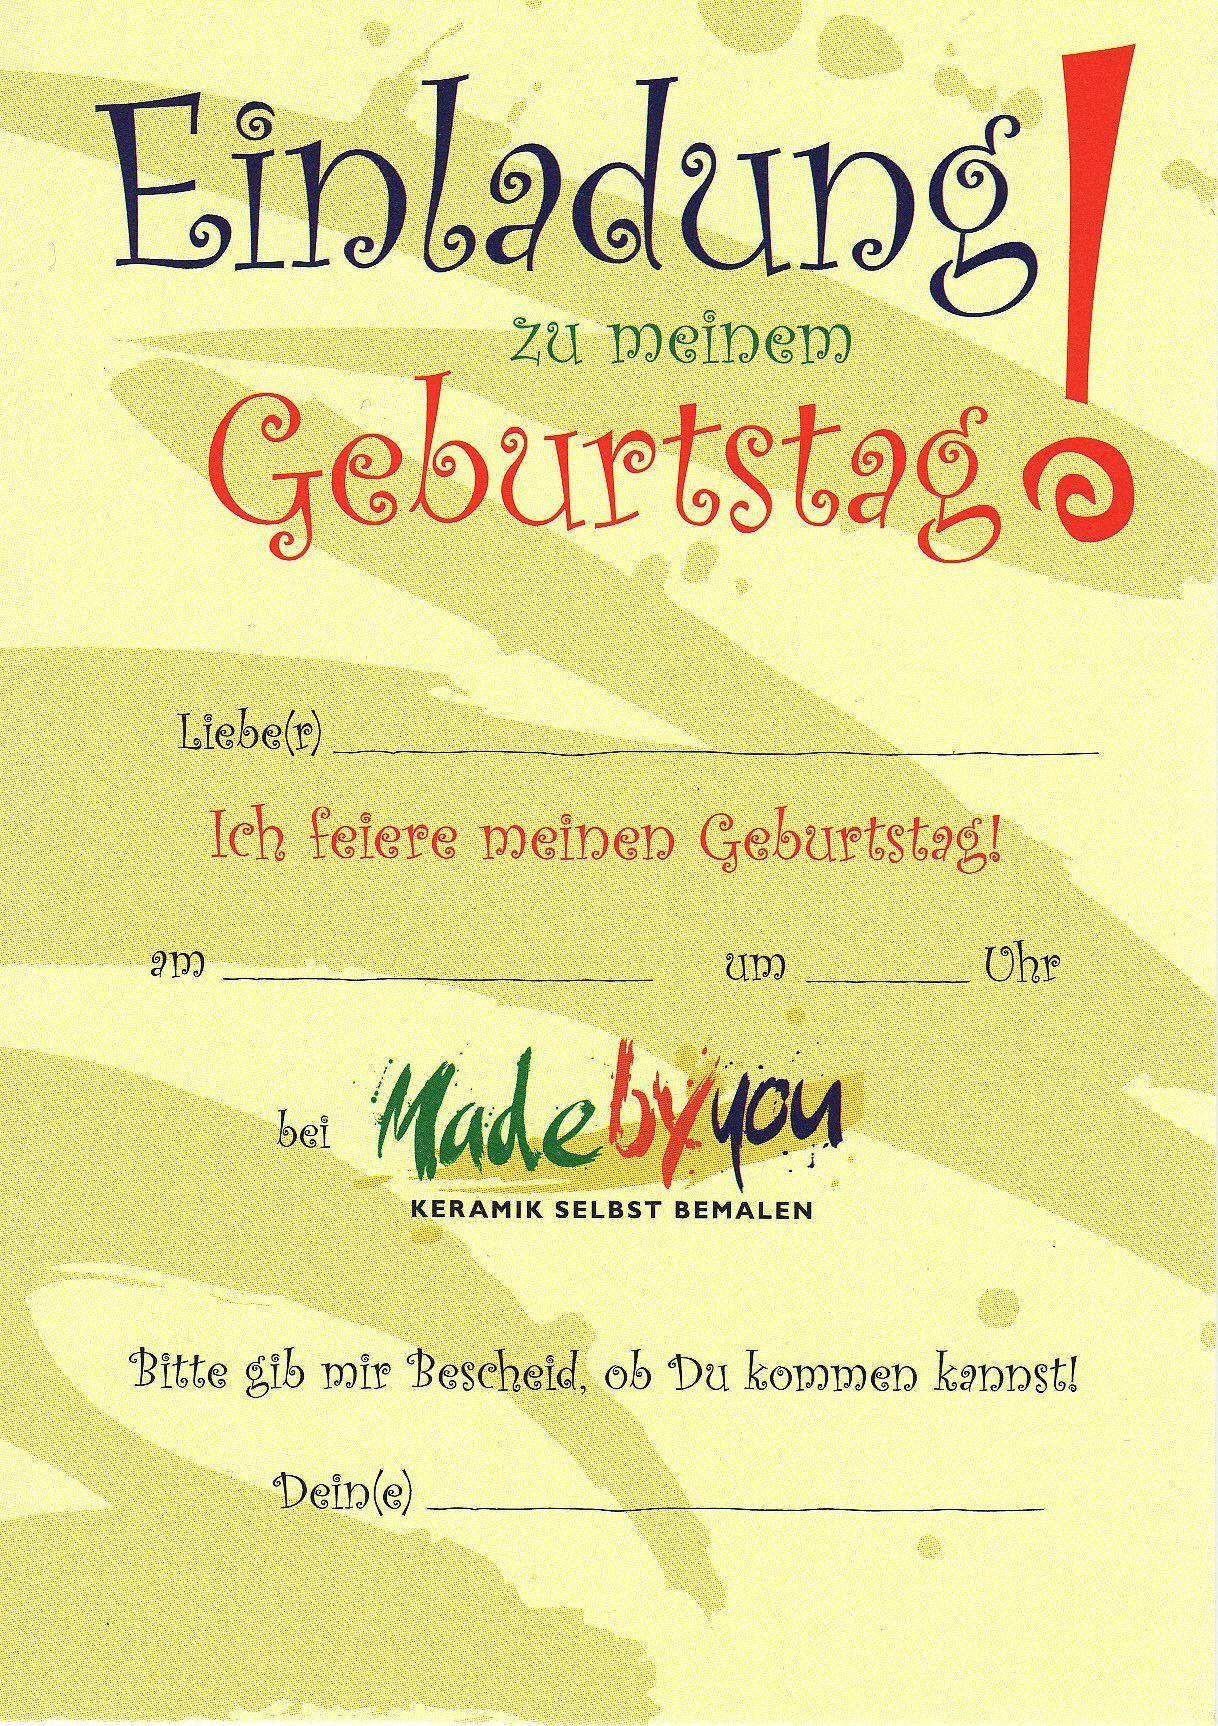 einladungskarten-drucken-kindergeburtstag | geburtstag | pinterest, Einladung